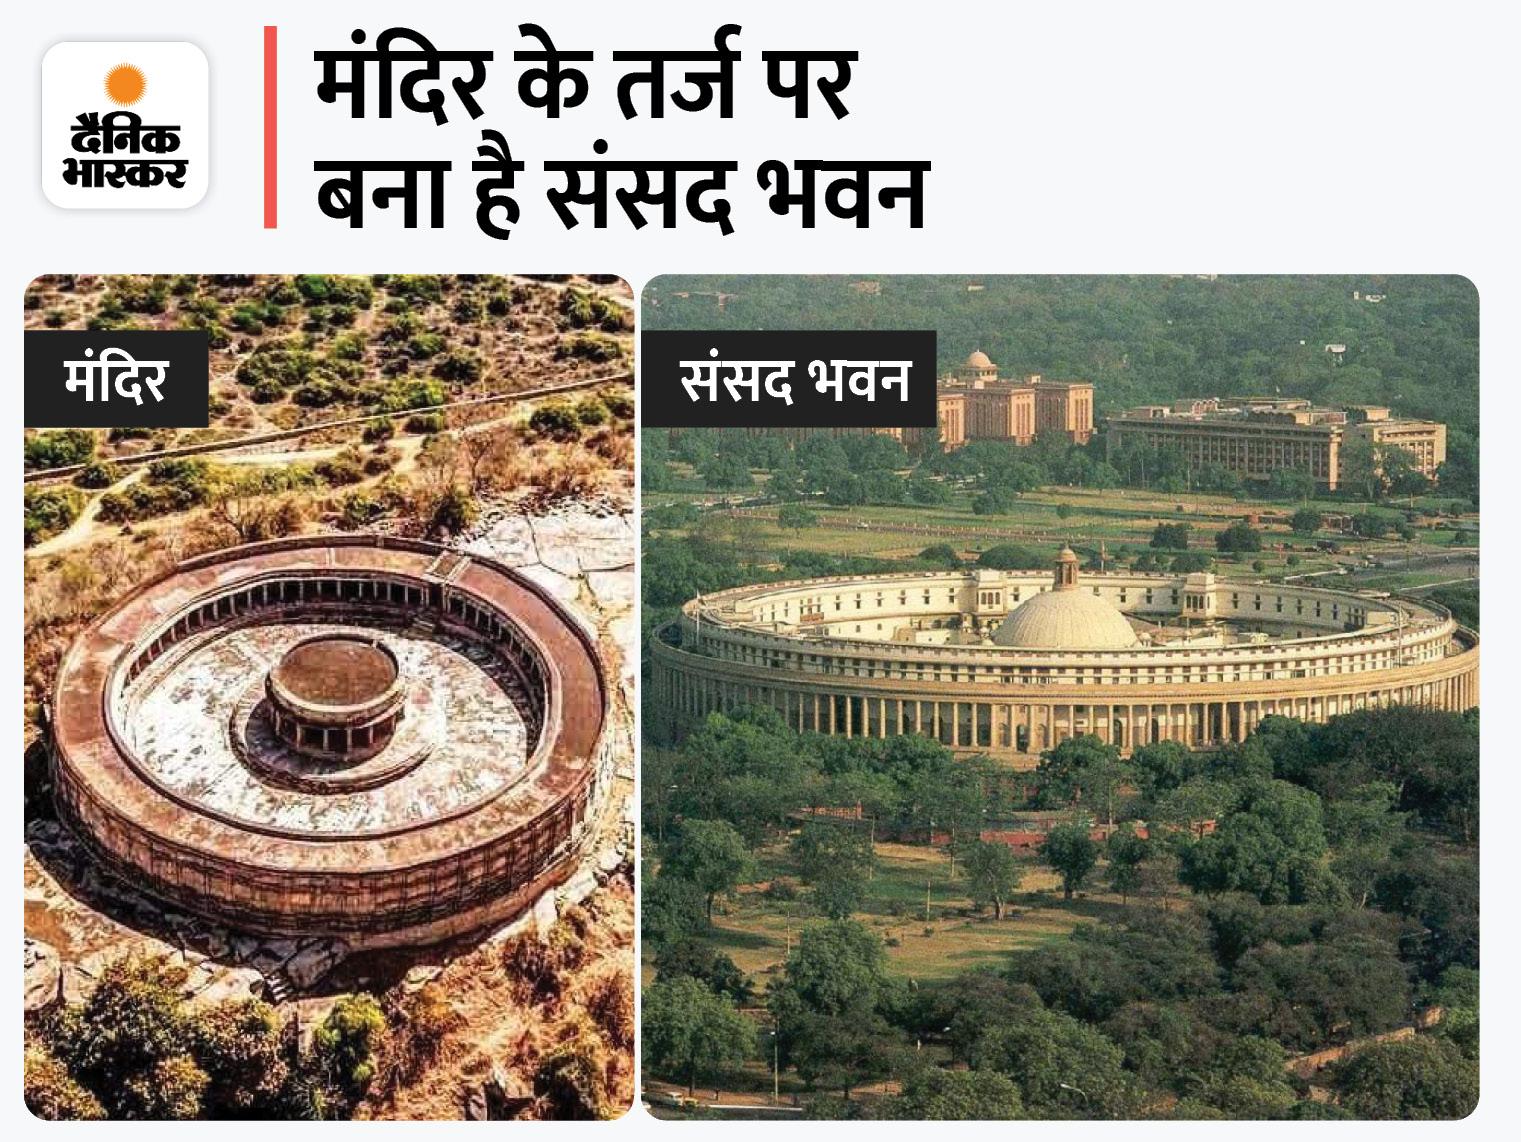 MP के चौसठ योगिनी शिव मंदिर के हर कमरे में 1 शिवलिंग, 700 साल पहले हुआ था तैयार मुरैना,Morena - Dainik Bhaskar